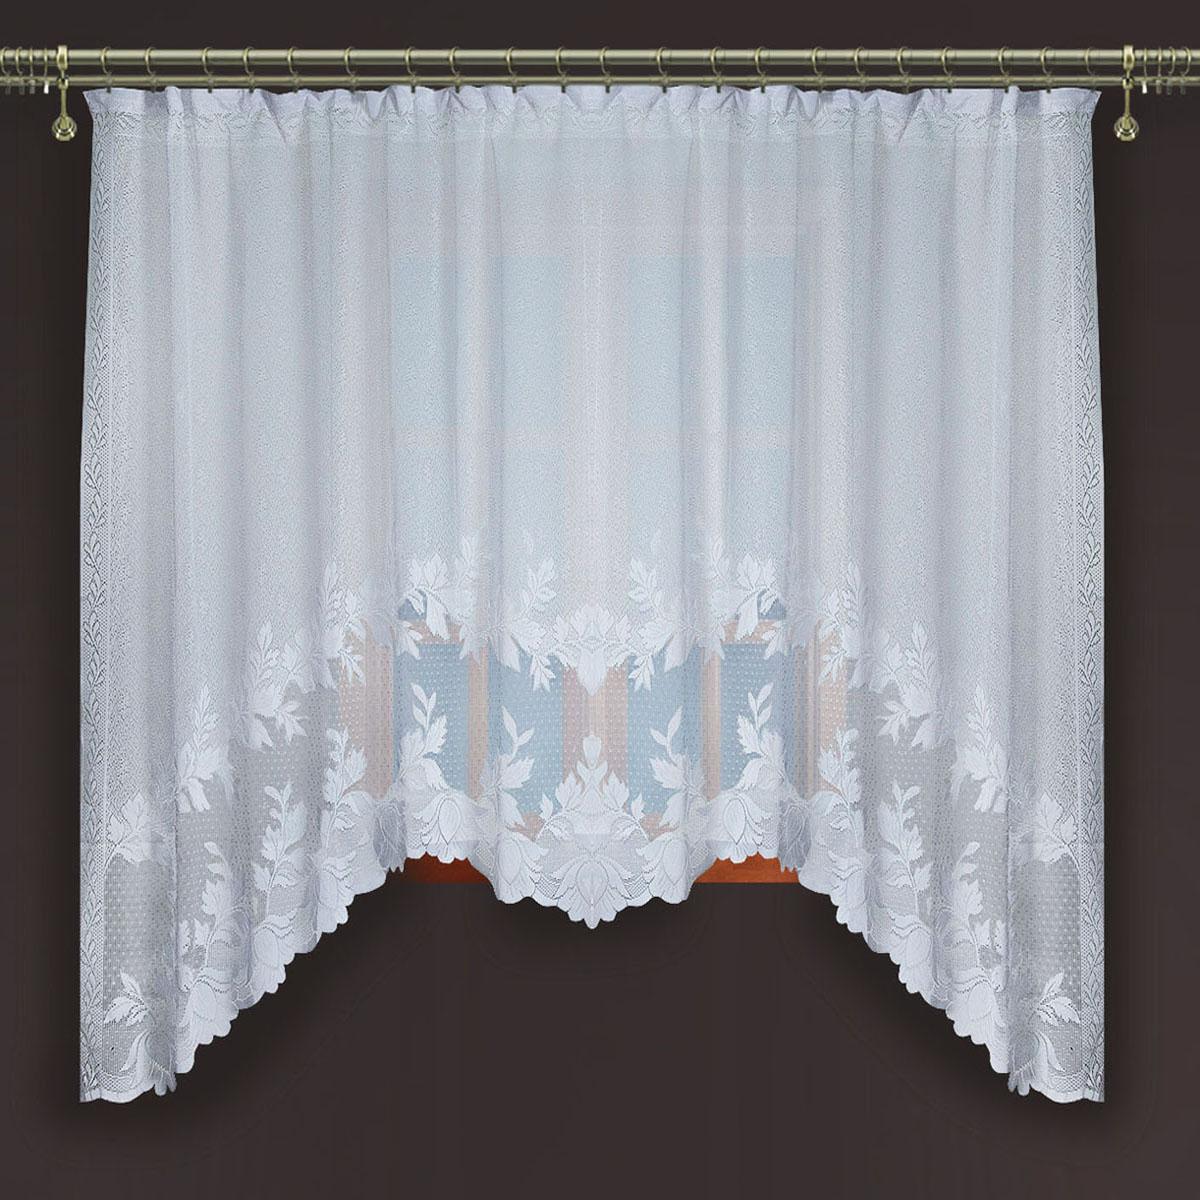 Гардина Zlata Korunka, цвет: белый, ширина 250 см, высота 160 см88867Гардина из тюле-кружевного полотна, крепление на зажимах для штор.,160*250 Размеры: 160*250